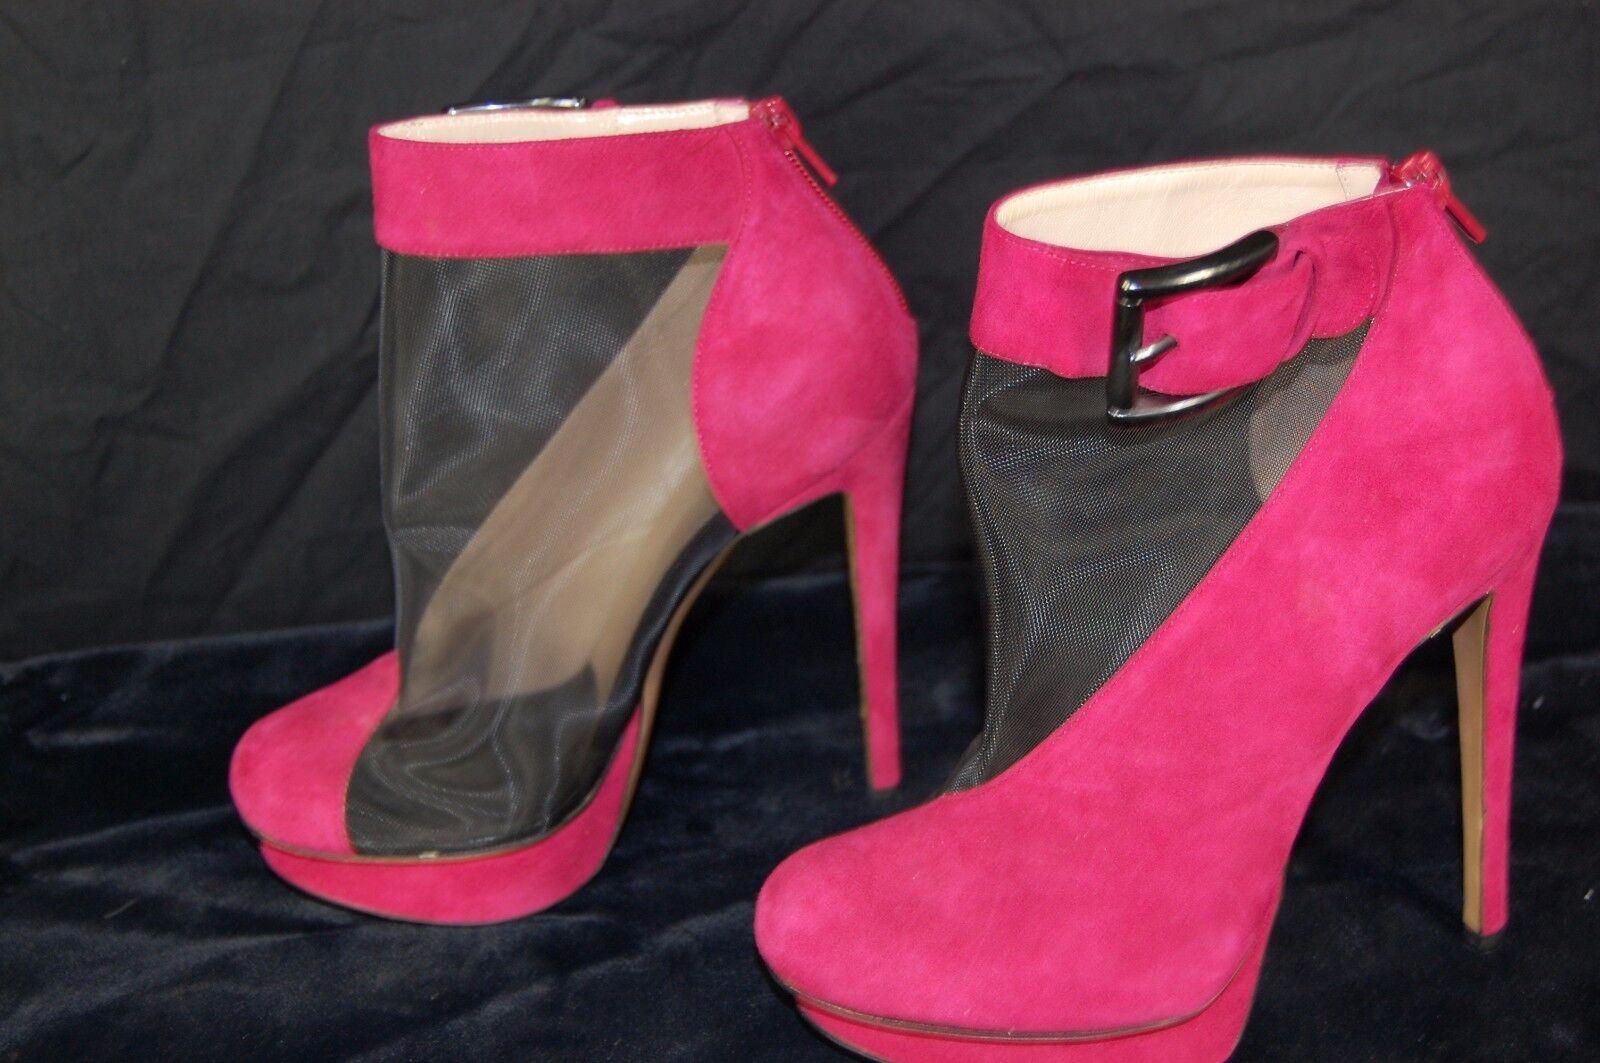 NICHOLAS KIRKWOOD DARK Rosa SUEDE & schwarz Stiefel MESH ANKLE Stiefel schwarz EU 37.5 US 7.5 eb4857